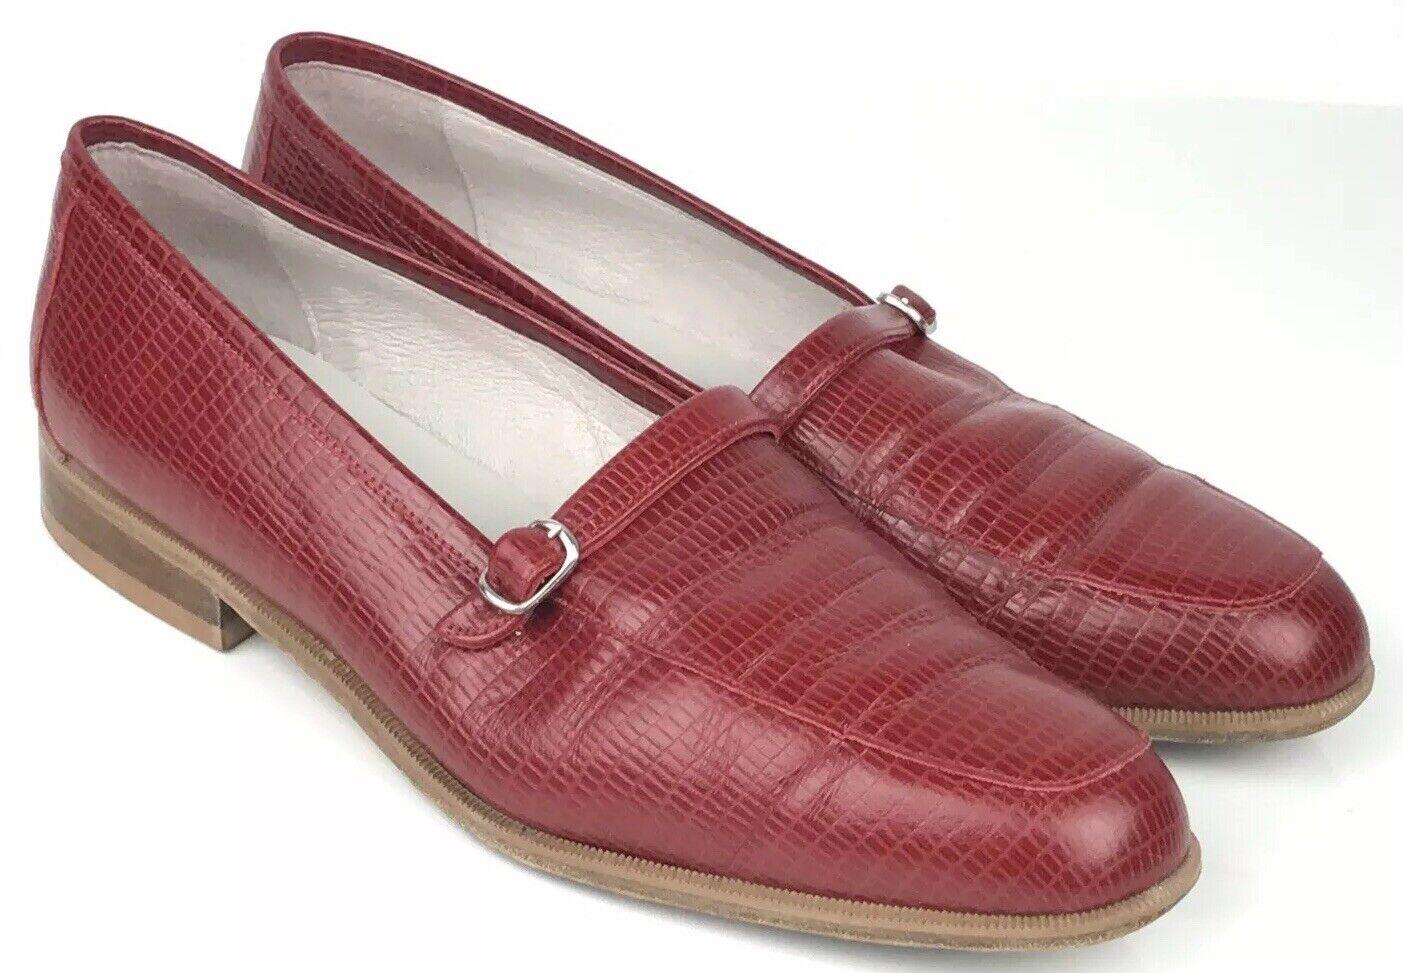 vendita online VINTAGE Donna TAPIRO Rosso Coccodrillo in Pelle Pelle Pelle Mocassino Taglia 8 41 Mocassini Scarpe RARE  fino al 50% di sconto